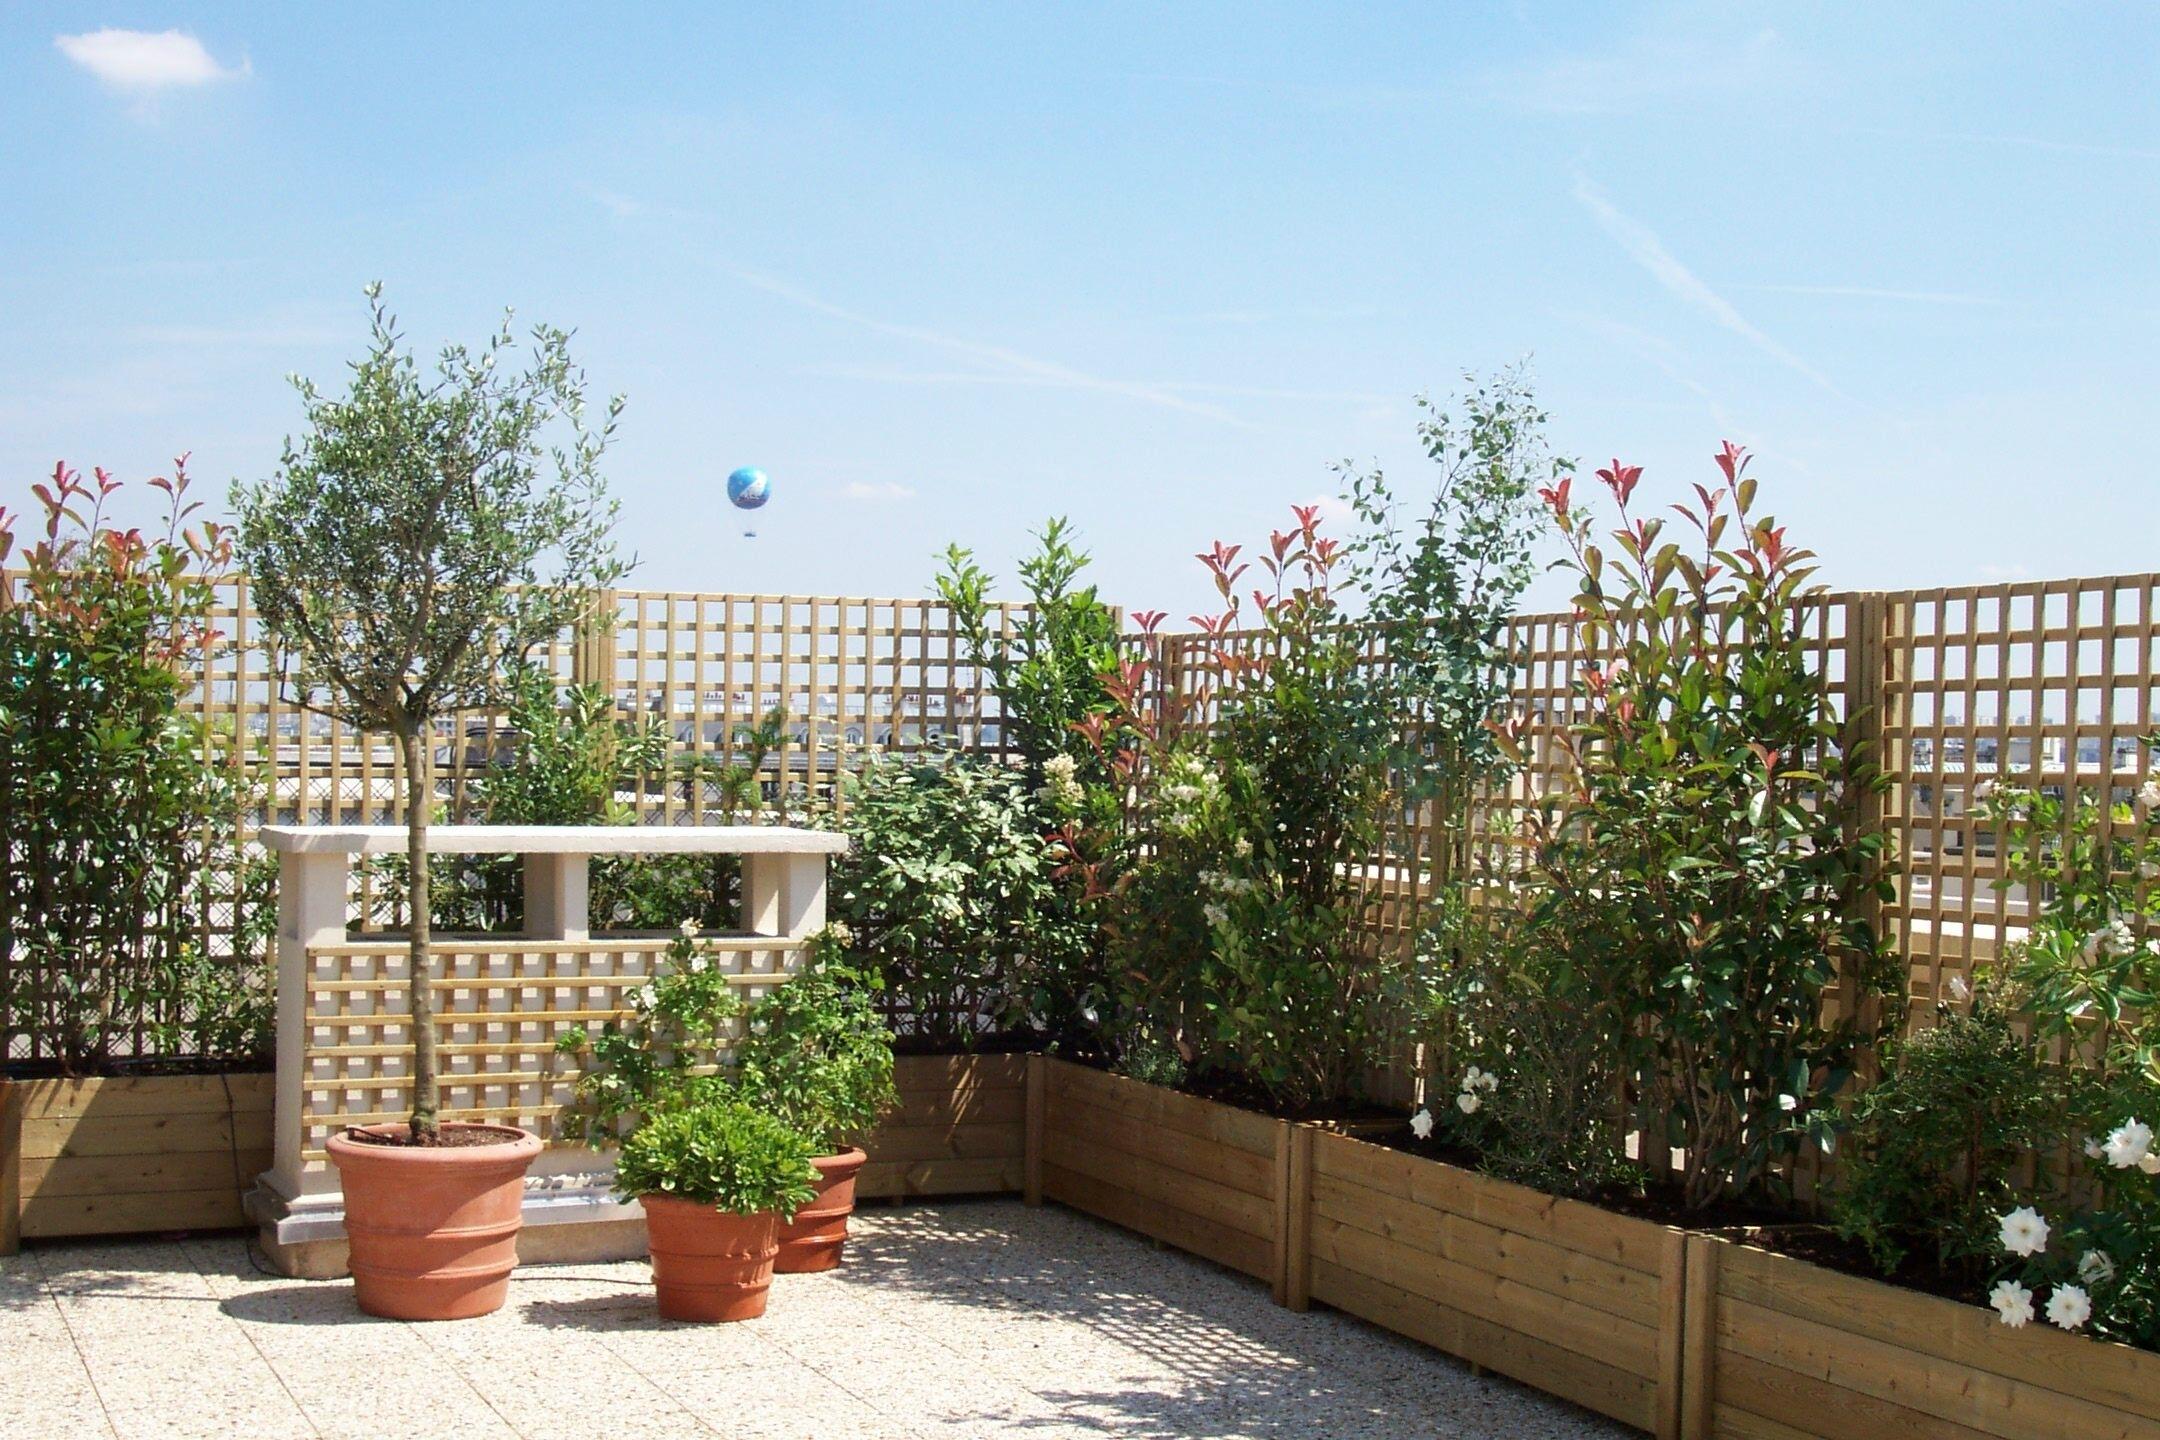 Piante da vaso per esterno casa immobiliare accessori for Piante da vaso per esterno